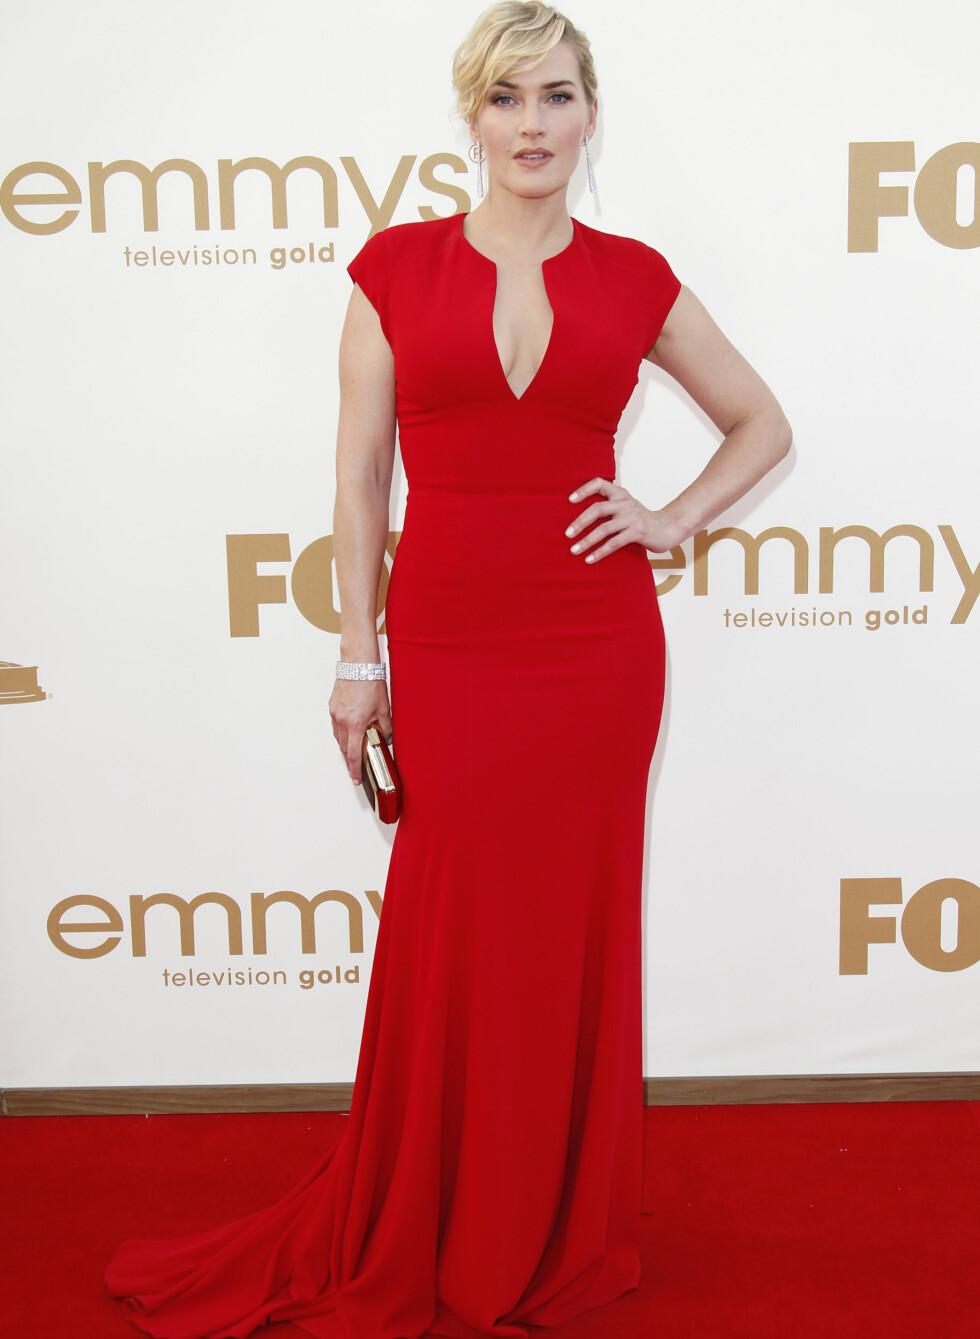 En ettersittende kjole med et flatterende snitt og dyp utringning gjorde Kate Winslet til en av kveldens best kledde kvinner.  Foto: All Over Press